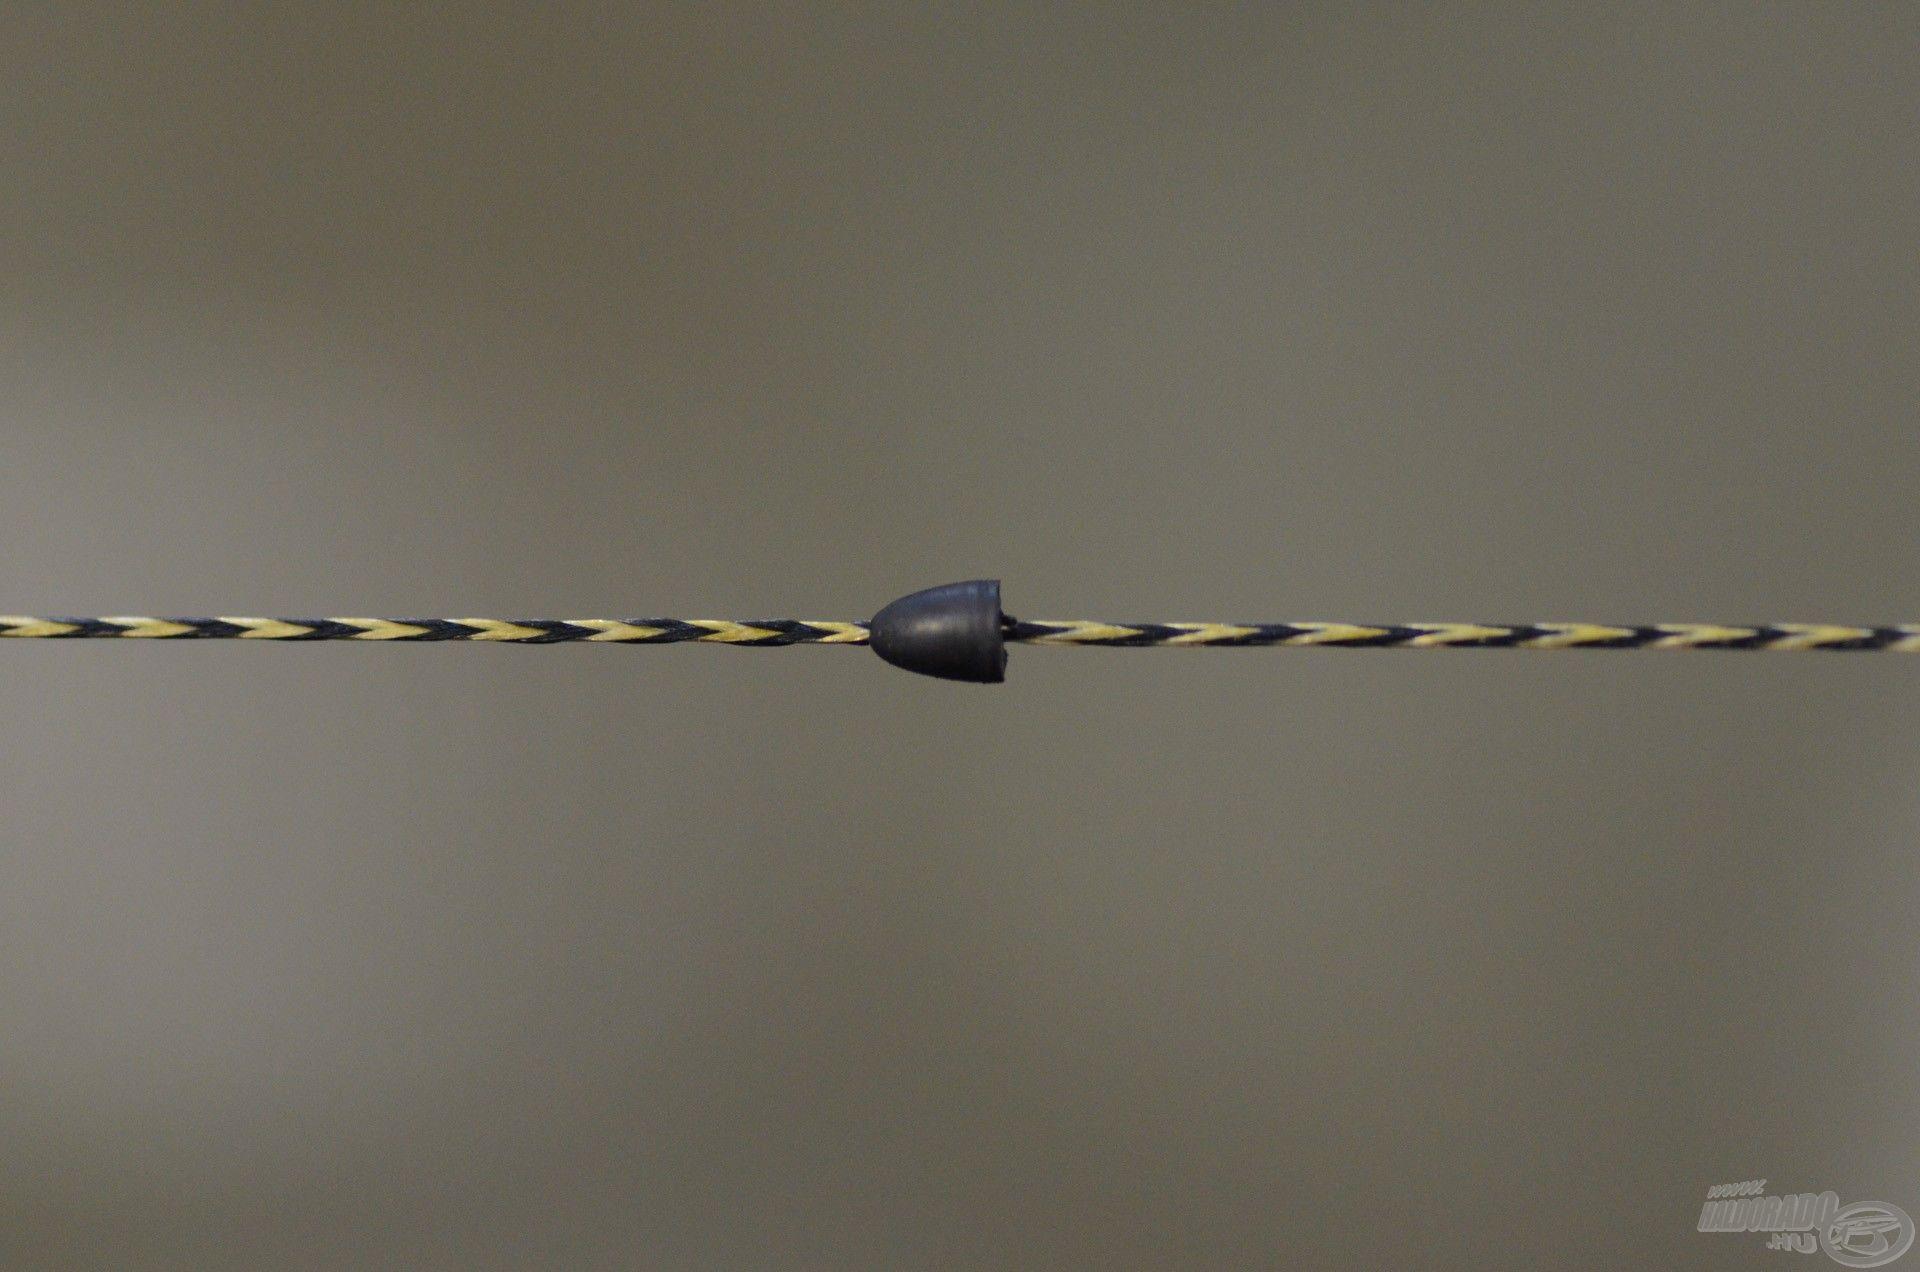 … amit a hajszálelőkét rögzítő gumiütköző követ